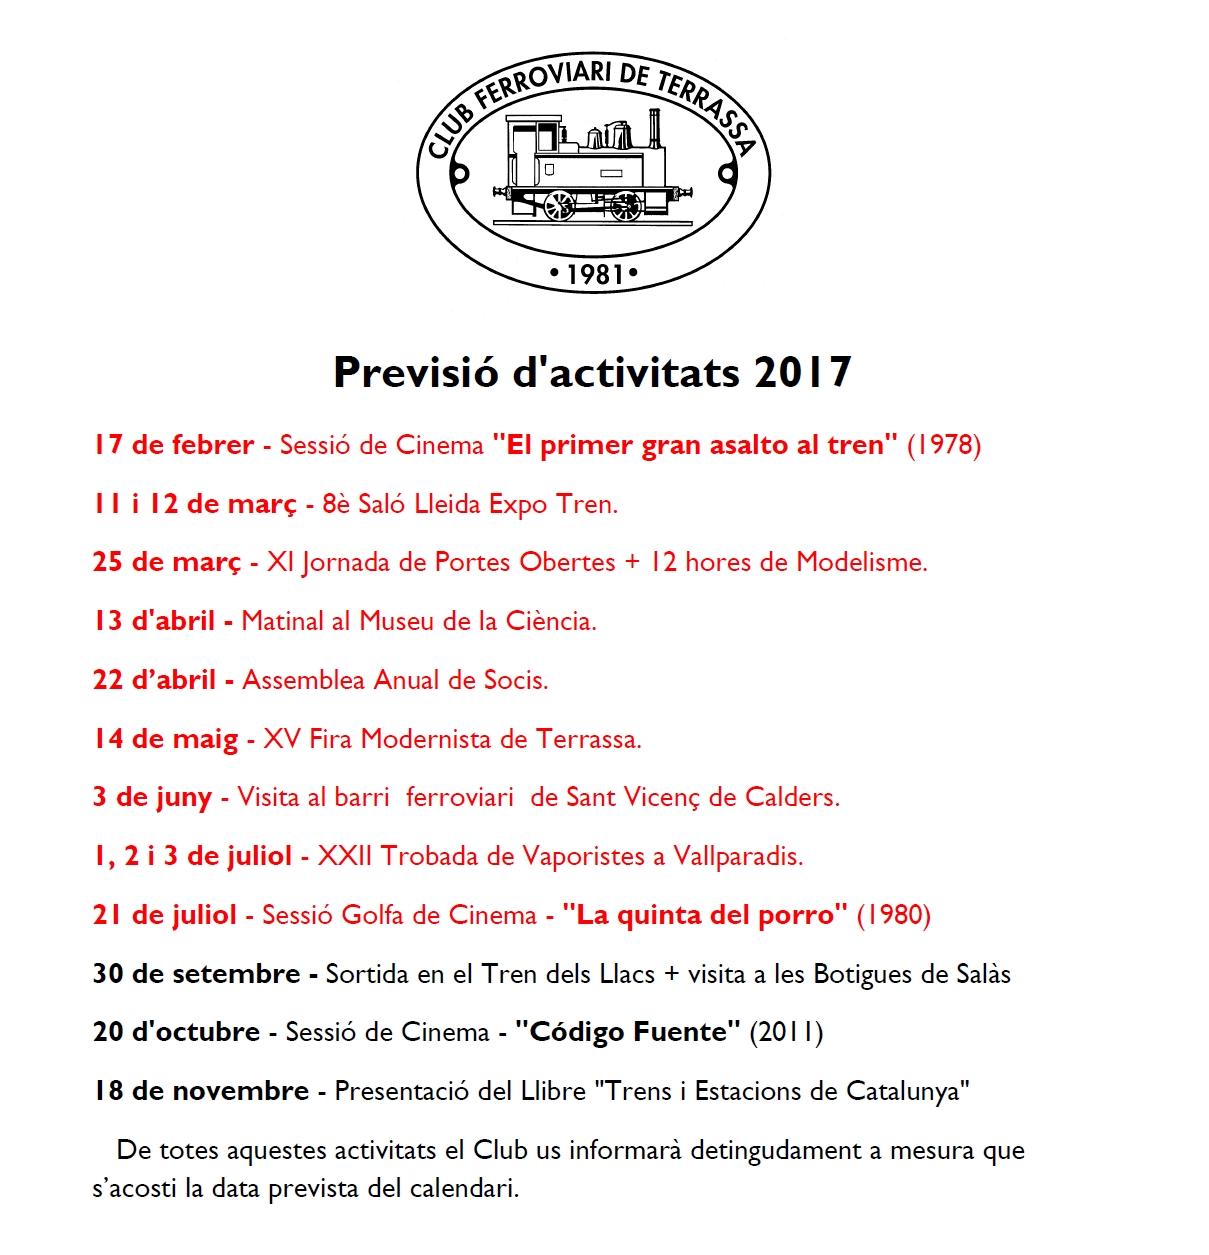 Nova Actualització de la Previsió d'Activitats del Club Ferroviari de Terrassa. 16-SETEMBRE-2017